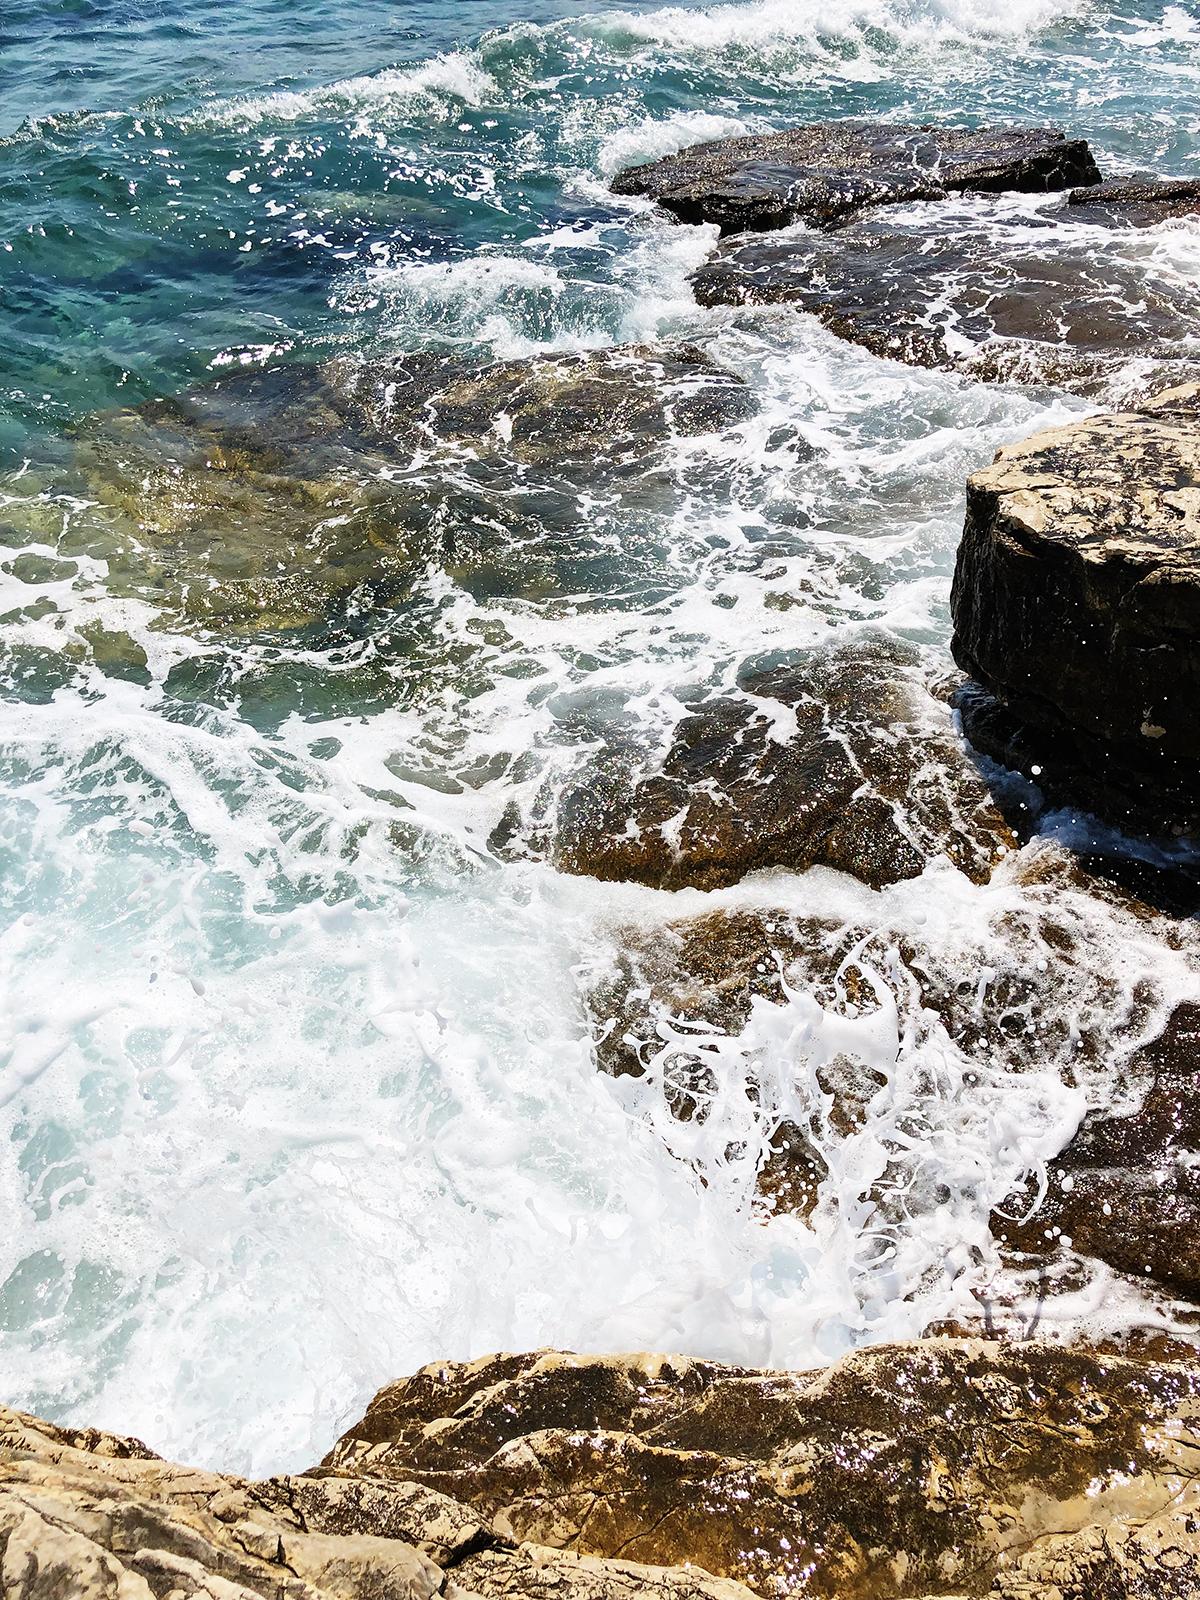 ohranimo-naravo-čisto-in-neokrnjeno-lili-in-roza-blog-skrb-za-okolje-morje-3.JPG